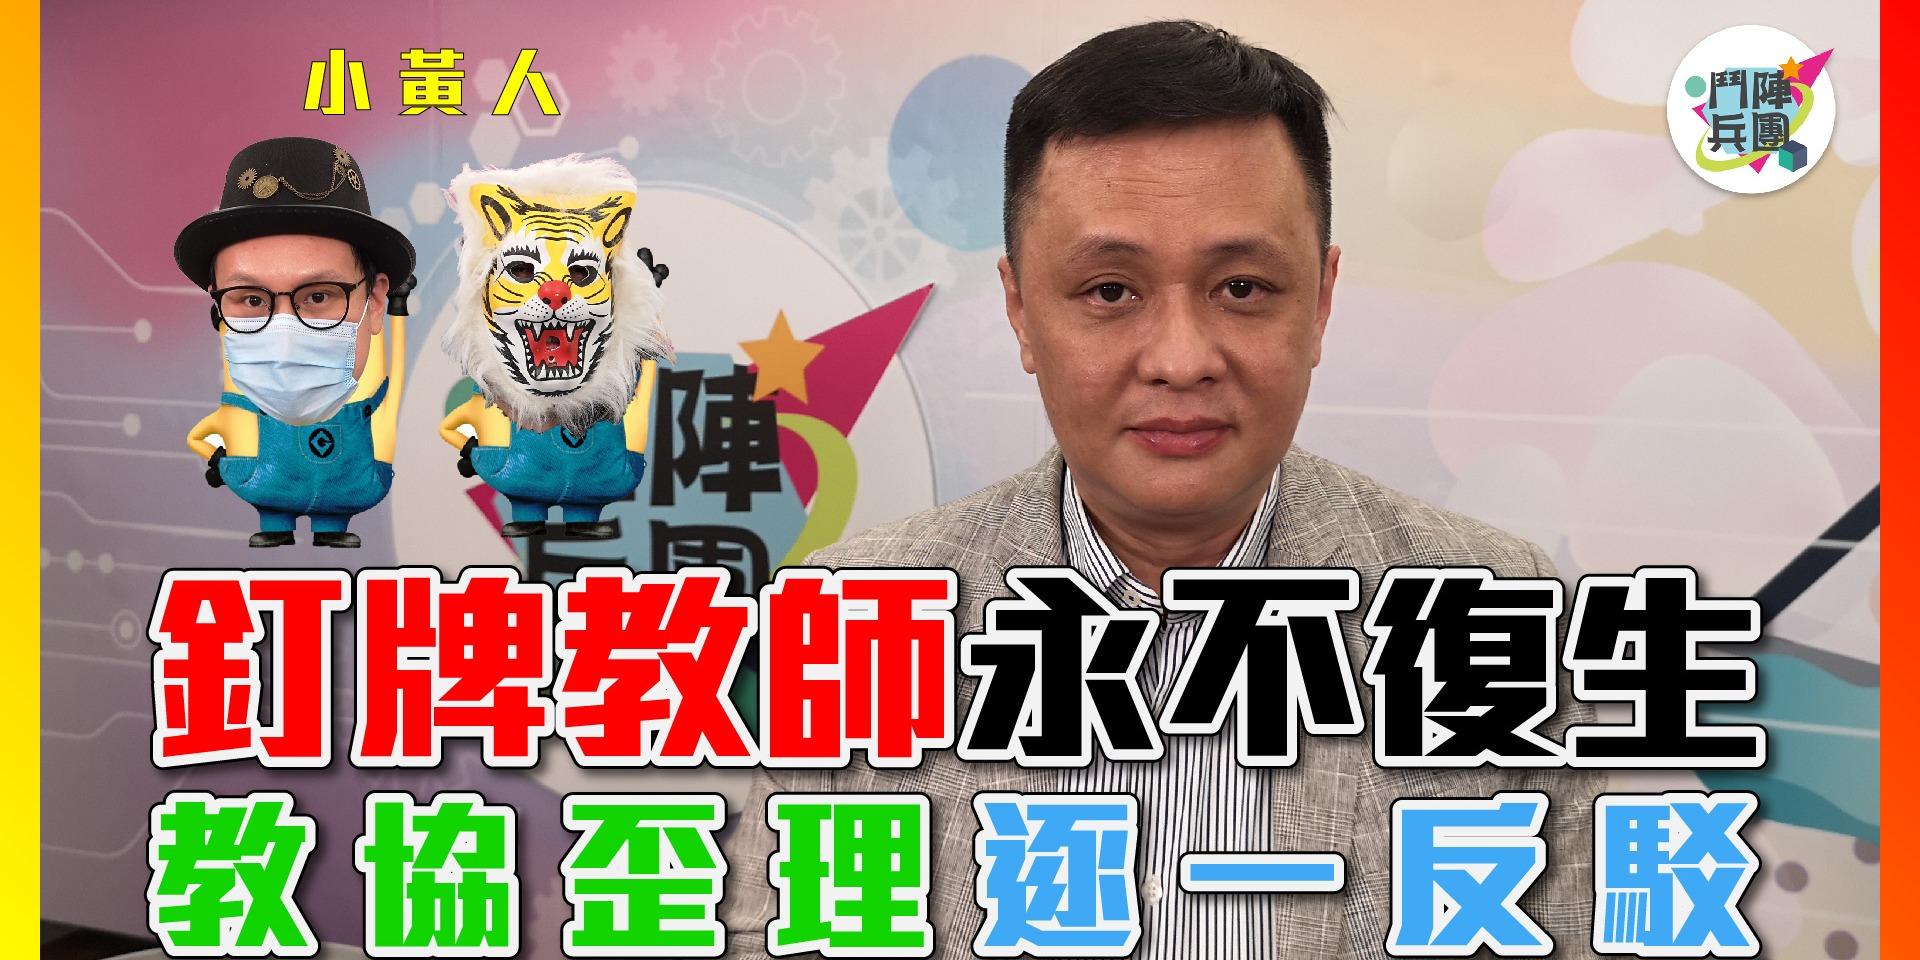 鬥陣兵團 鄧飛:小學中學不存在學術自由!